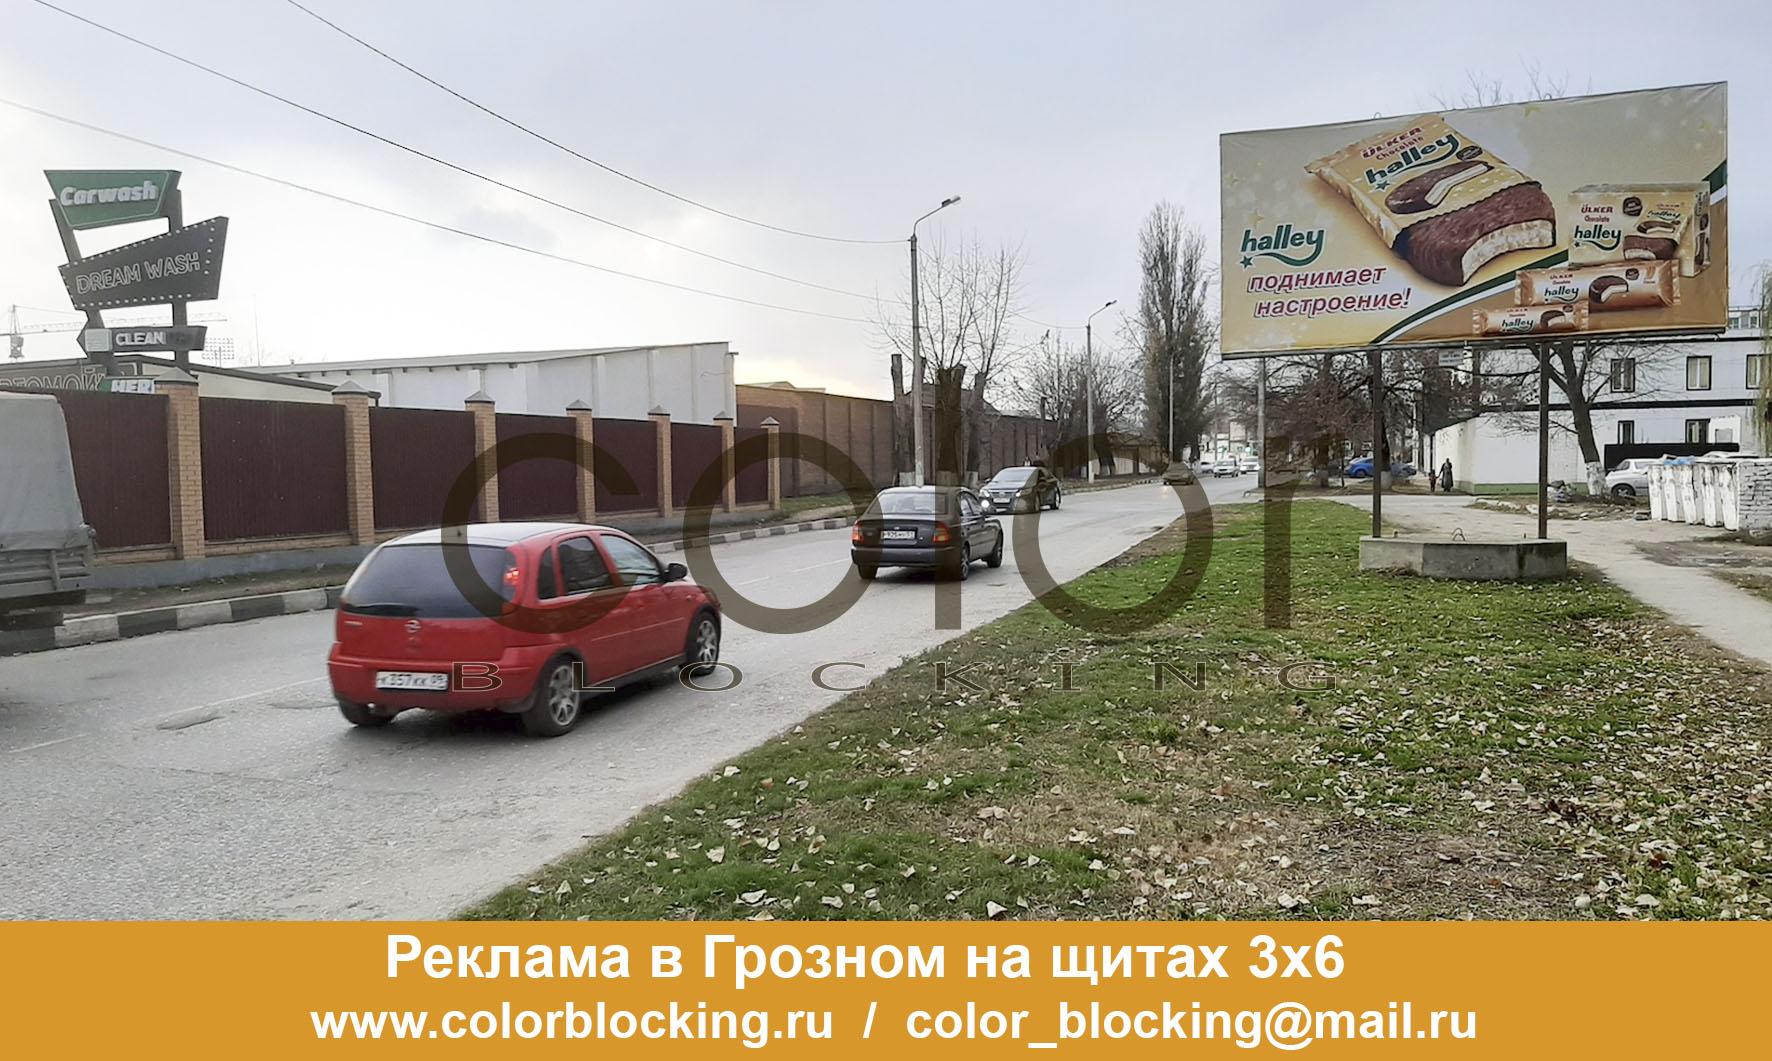 Реклама в Грозном на щитах 3х6 Грибоедова